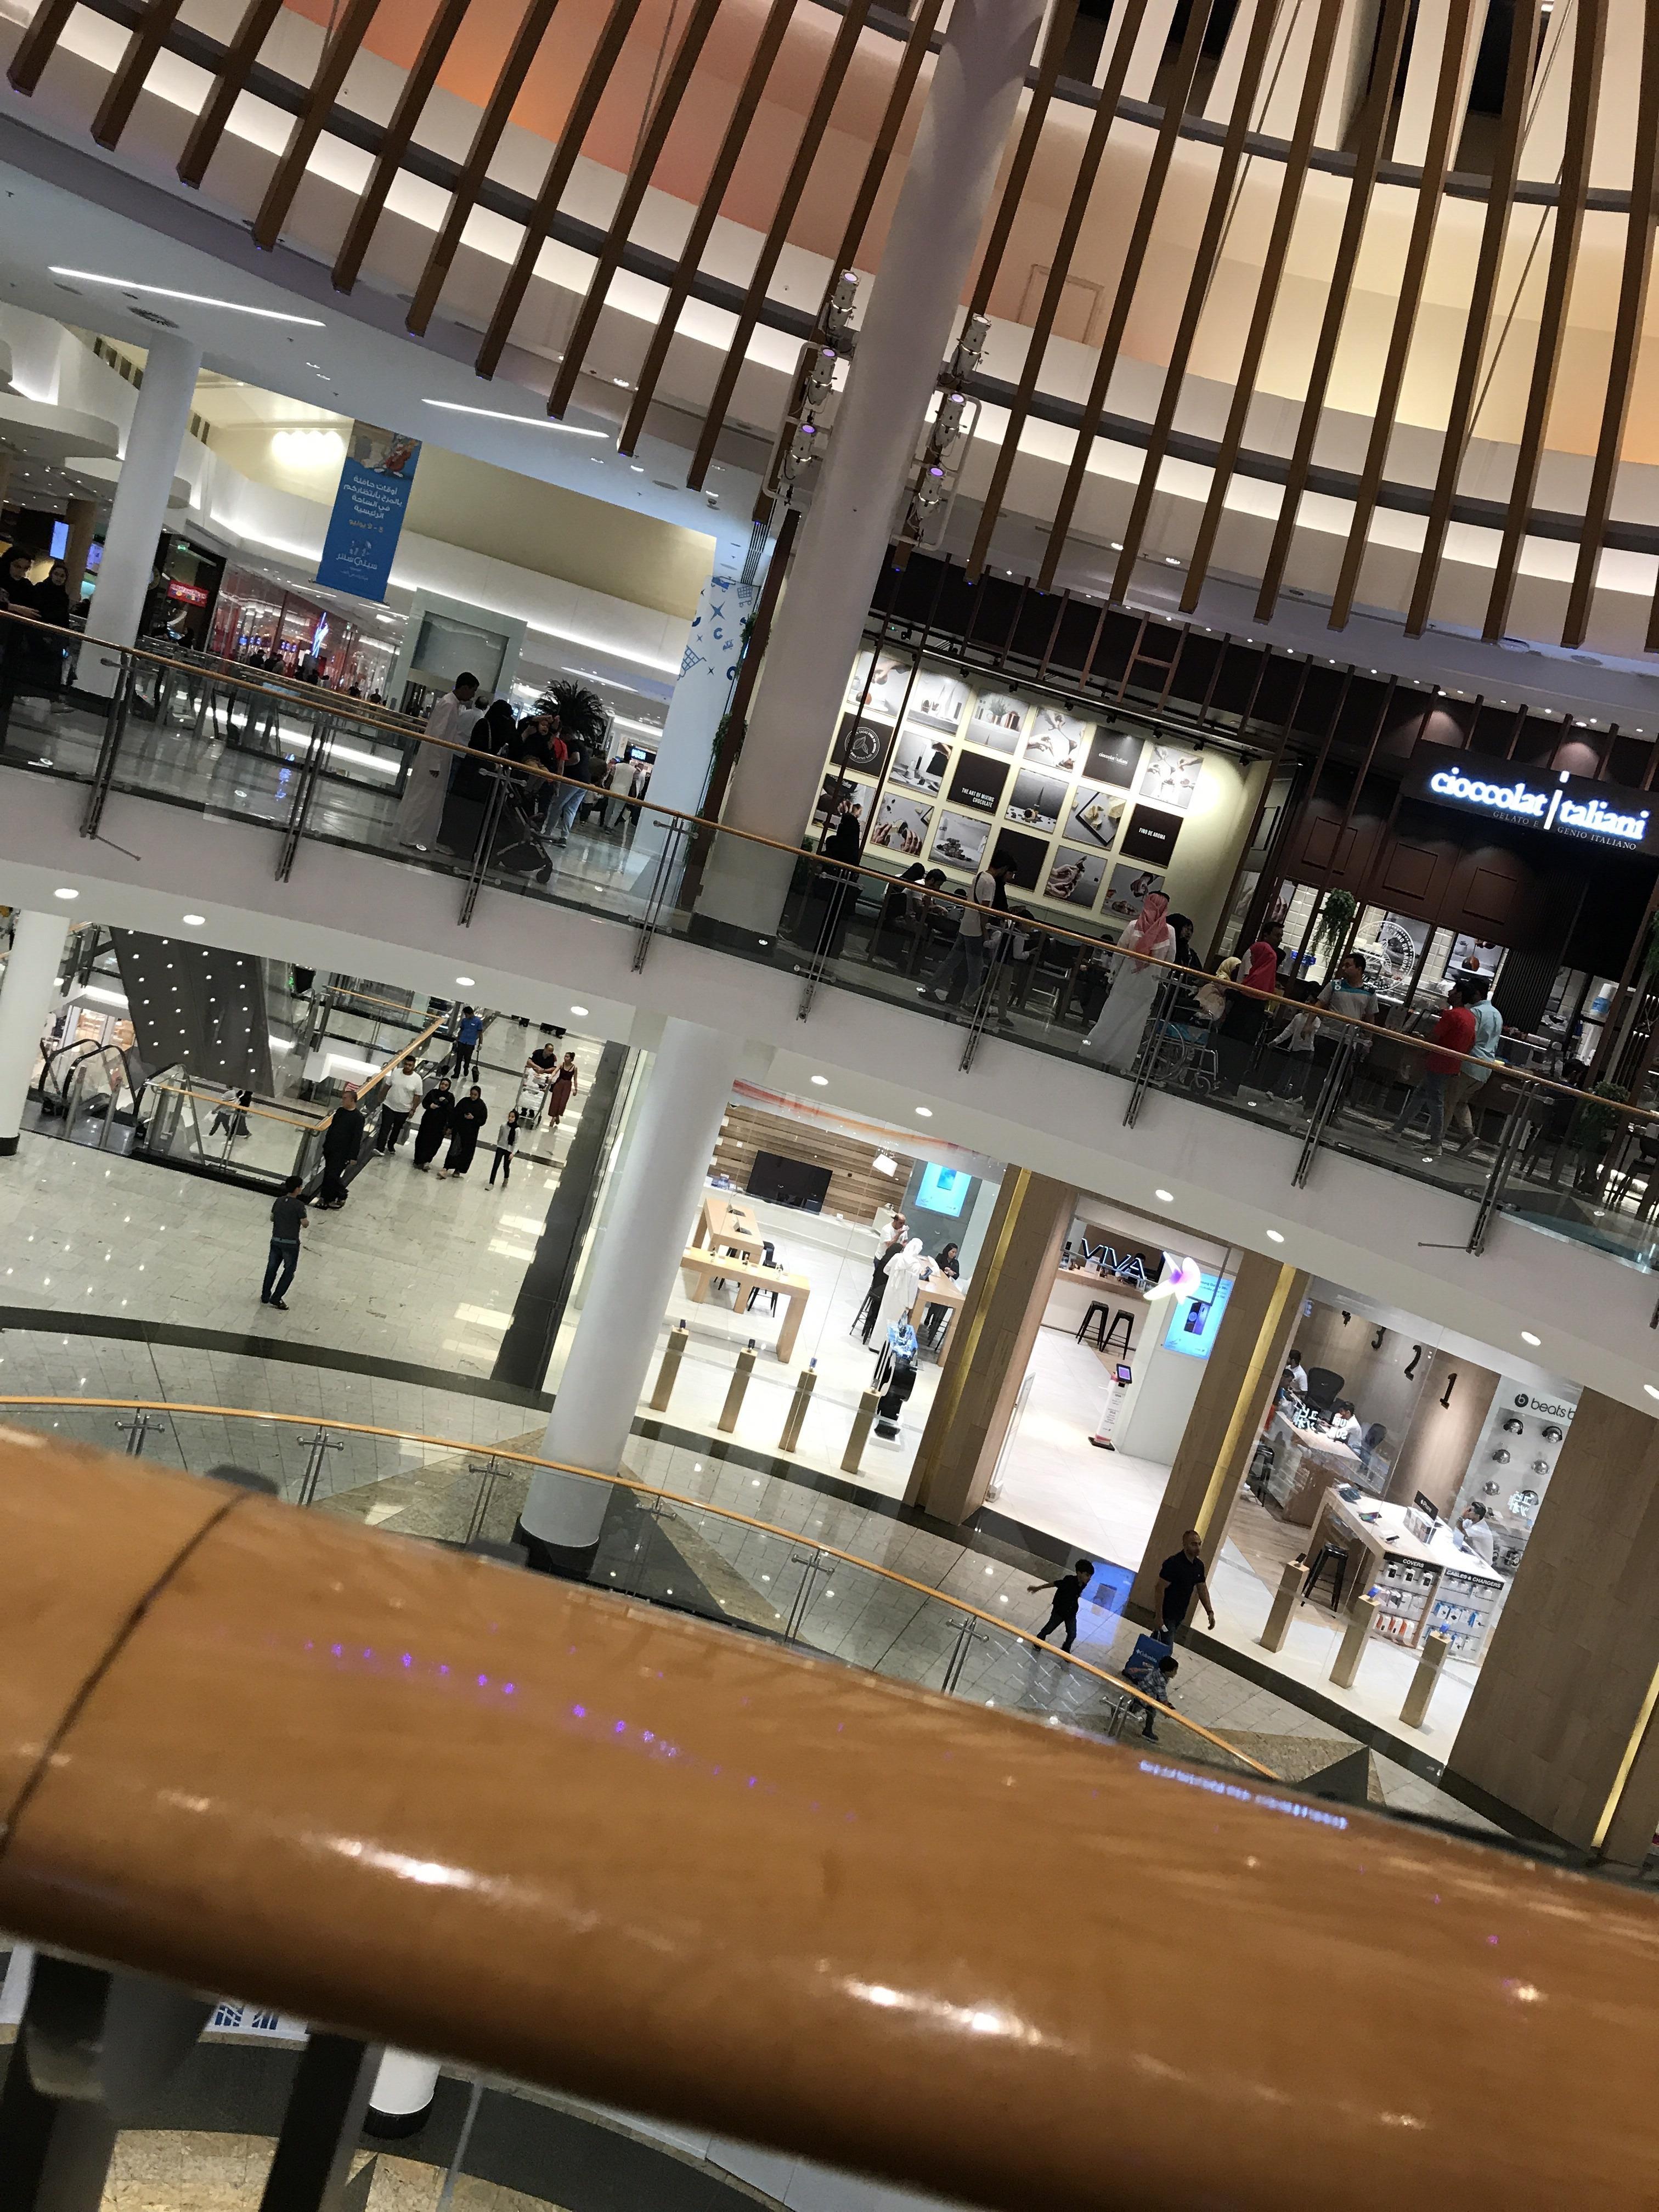 I love the city center 💕 @ City Centre Cinemas - Bahrain